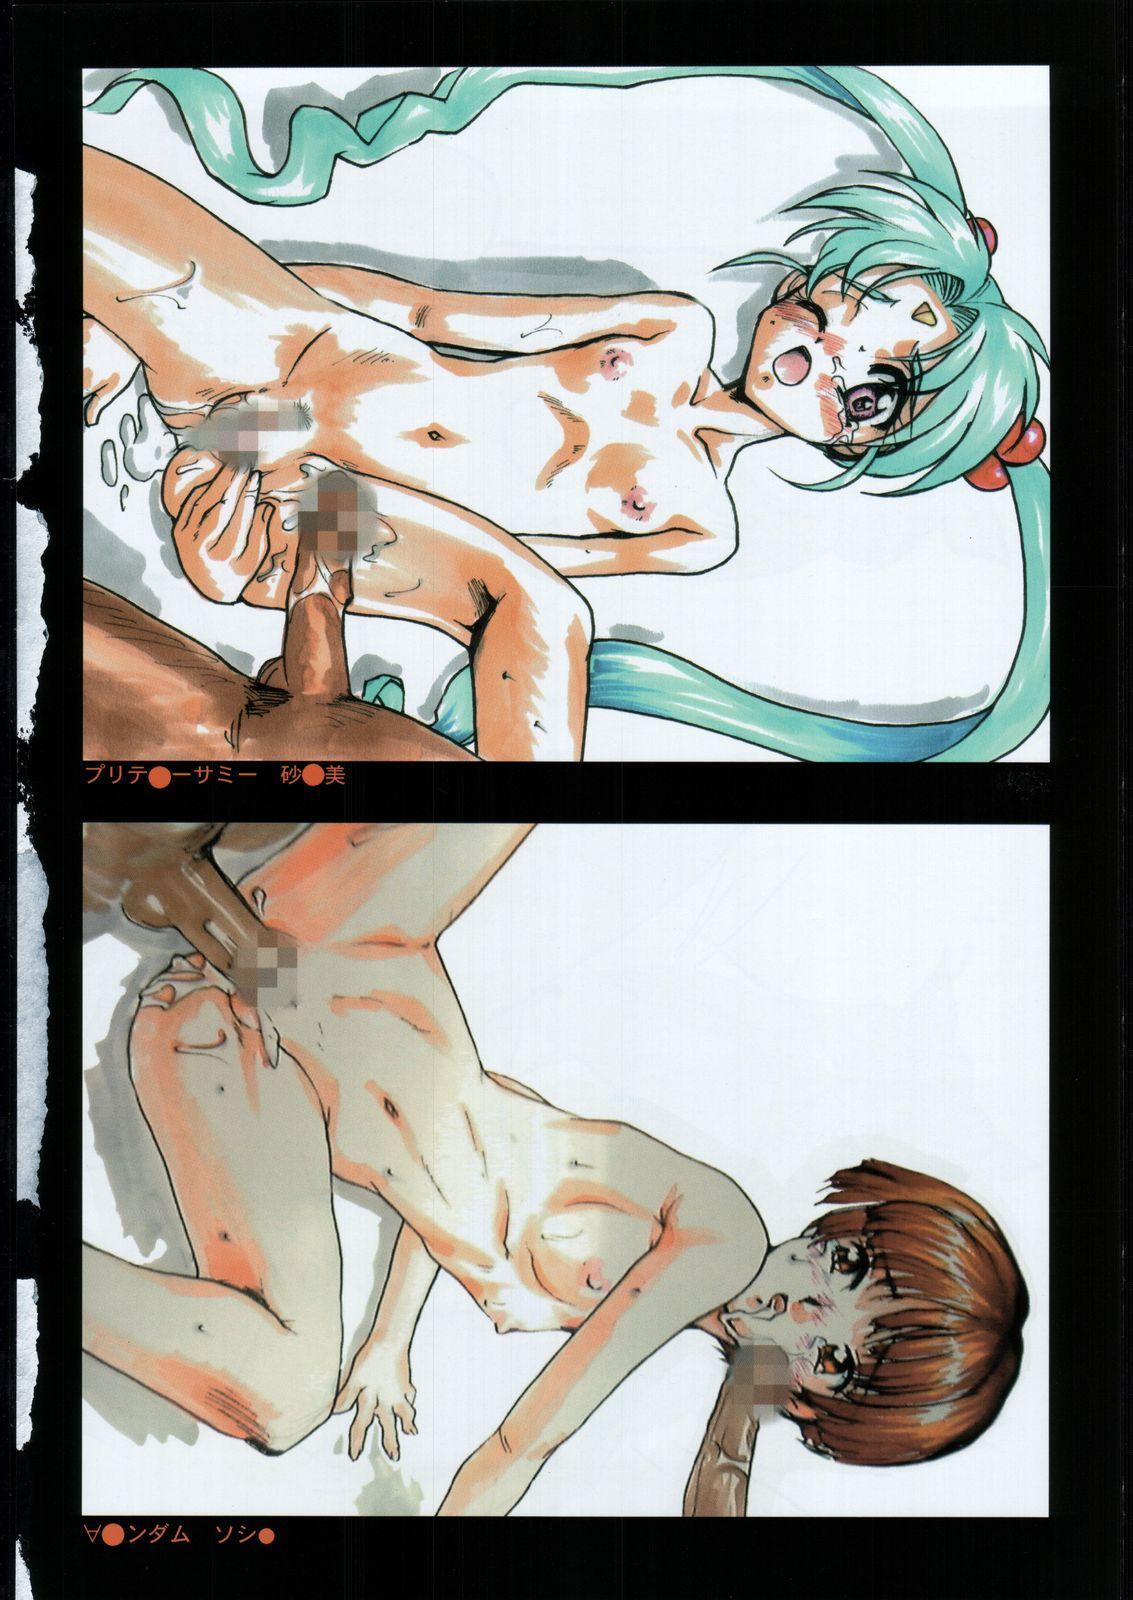 Tsurikichi-Doumei No Color Hon Sono Yon 57